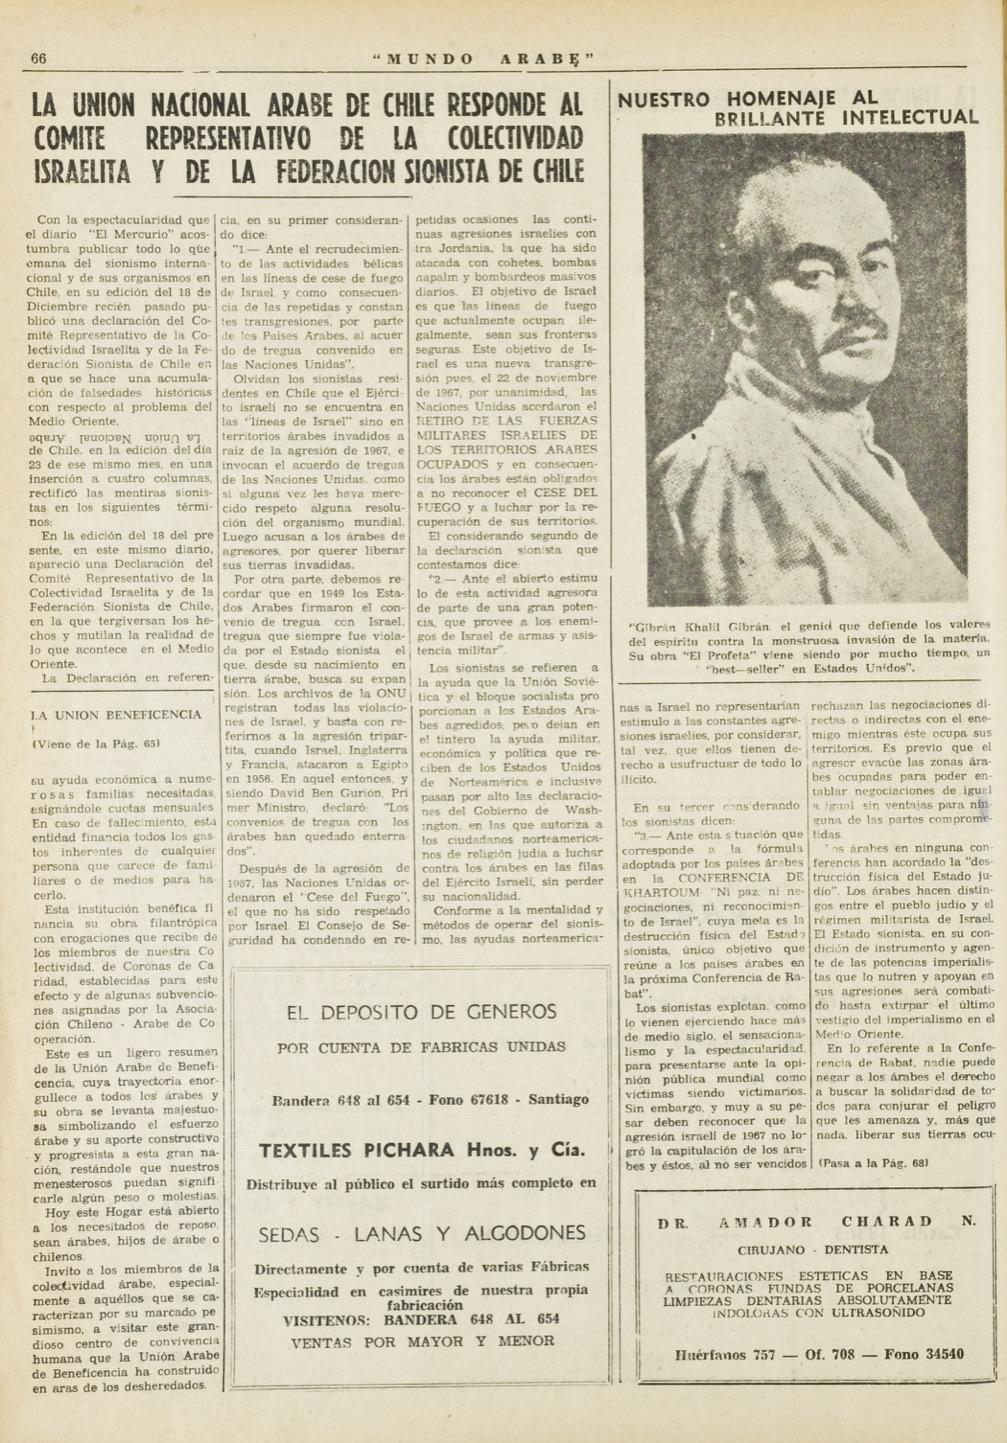 """""""Nuestro homenaje al brillante intelectual"""", Mundo Árabe, Jan 1, 1970, p. 66."""